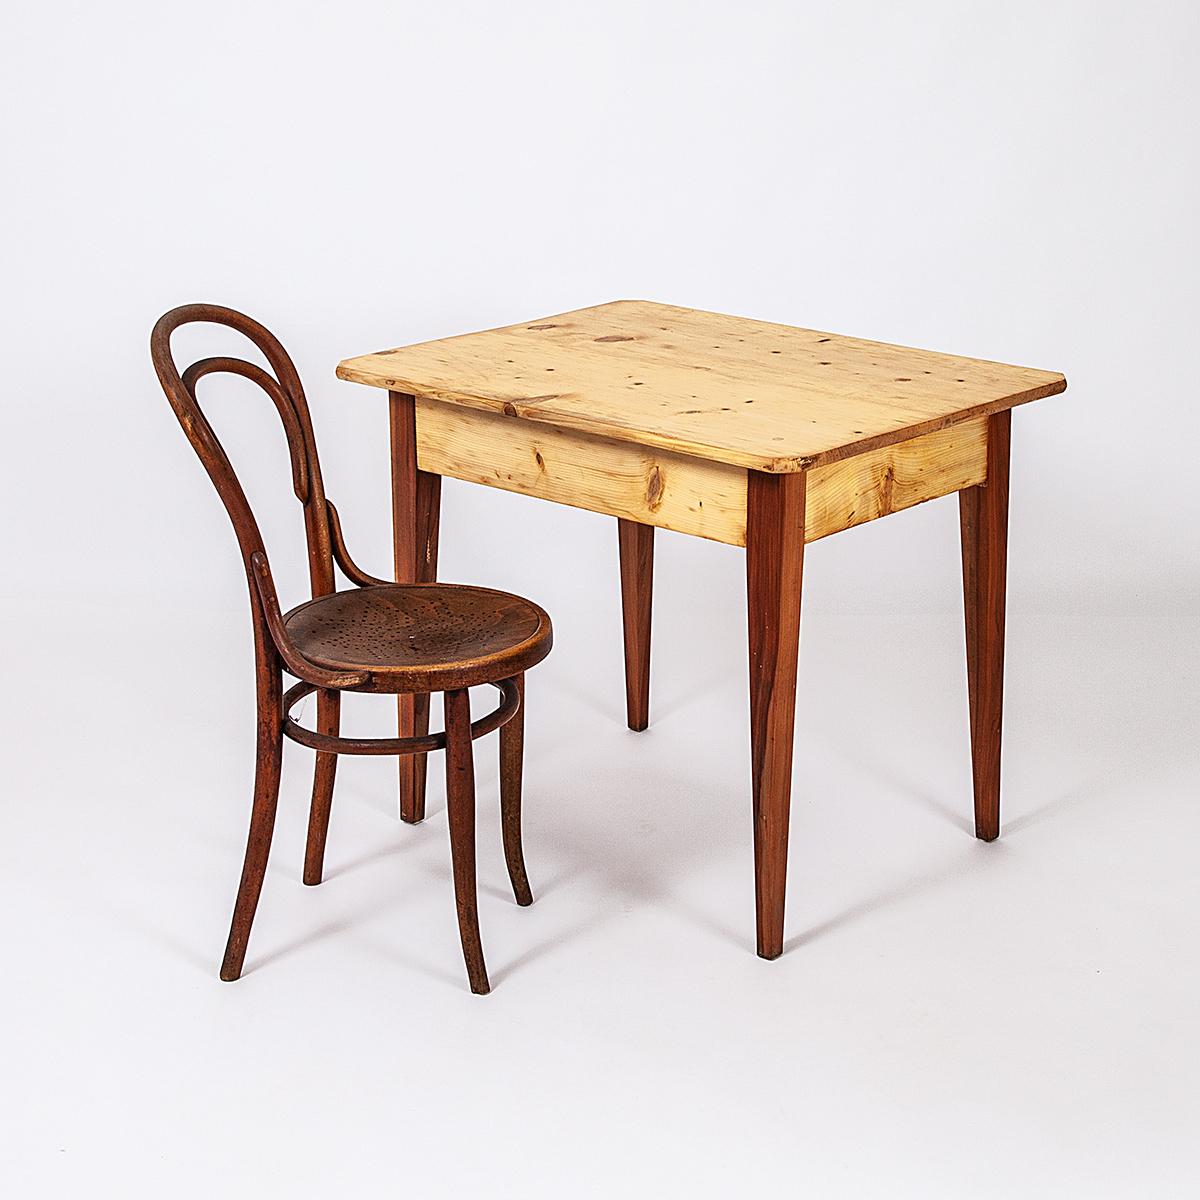 kleiner tisch mit schublade | möbel zürich | vintagemöbel